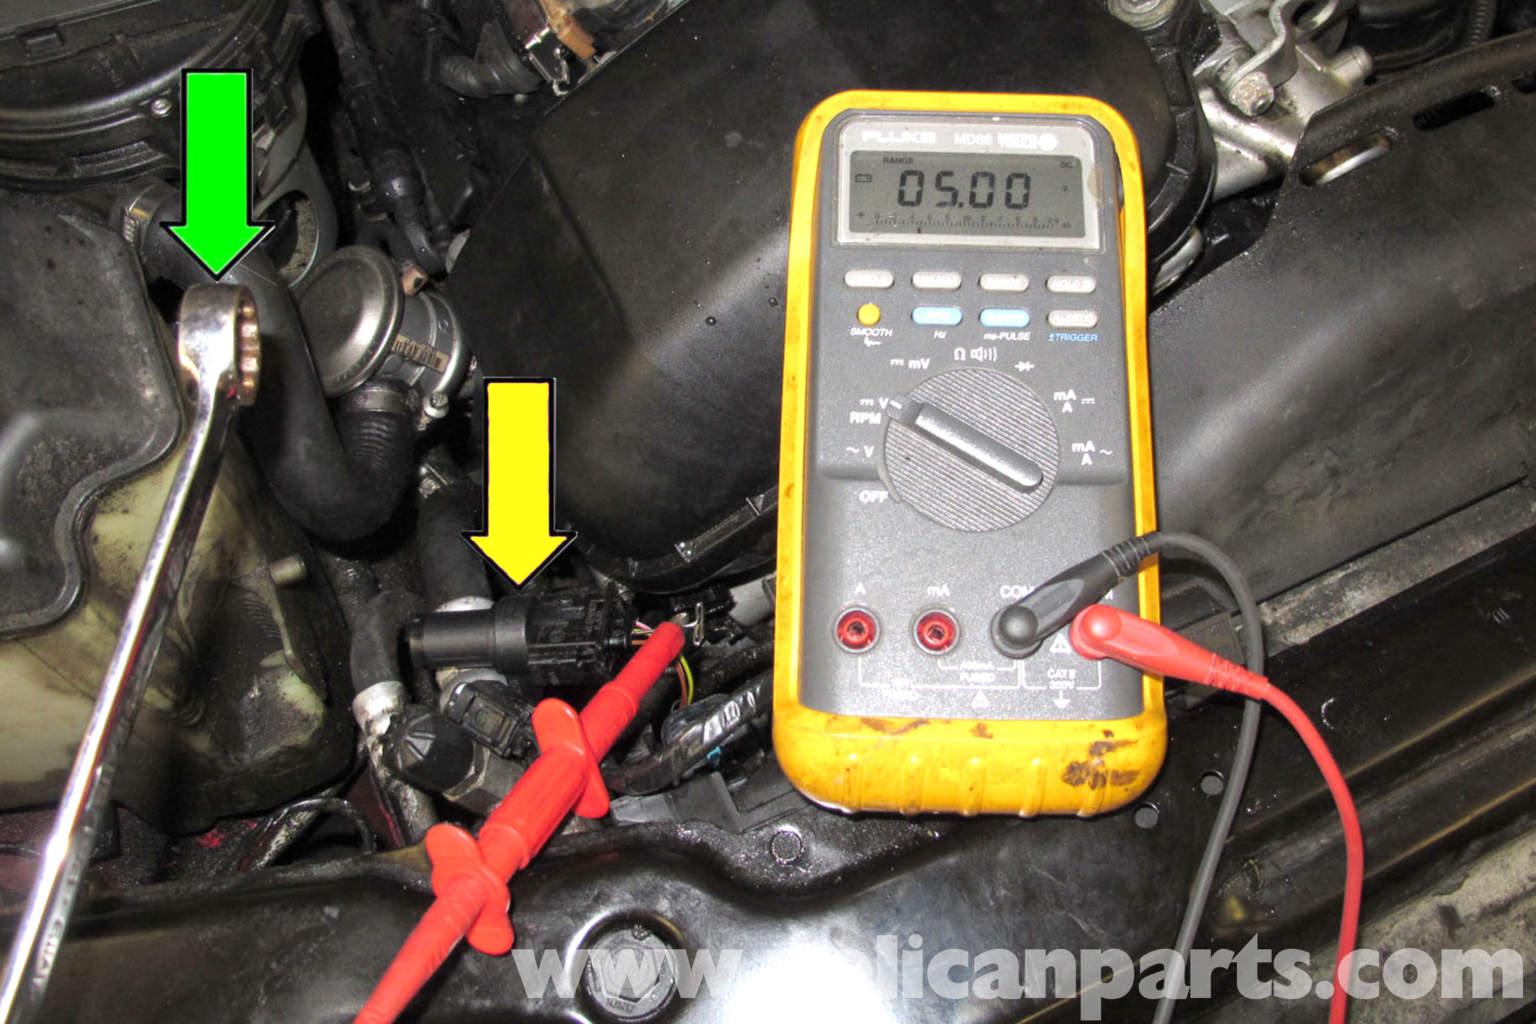 325i Fuse Diagram Bmw E46 Camshaft Sensor Testing Bmw 325i 2001 2005